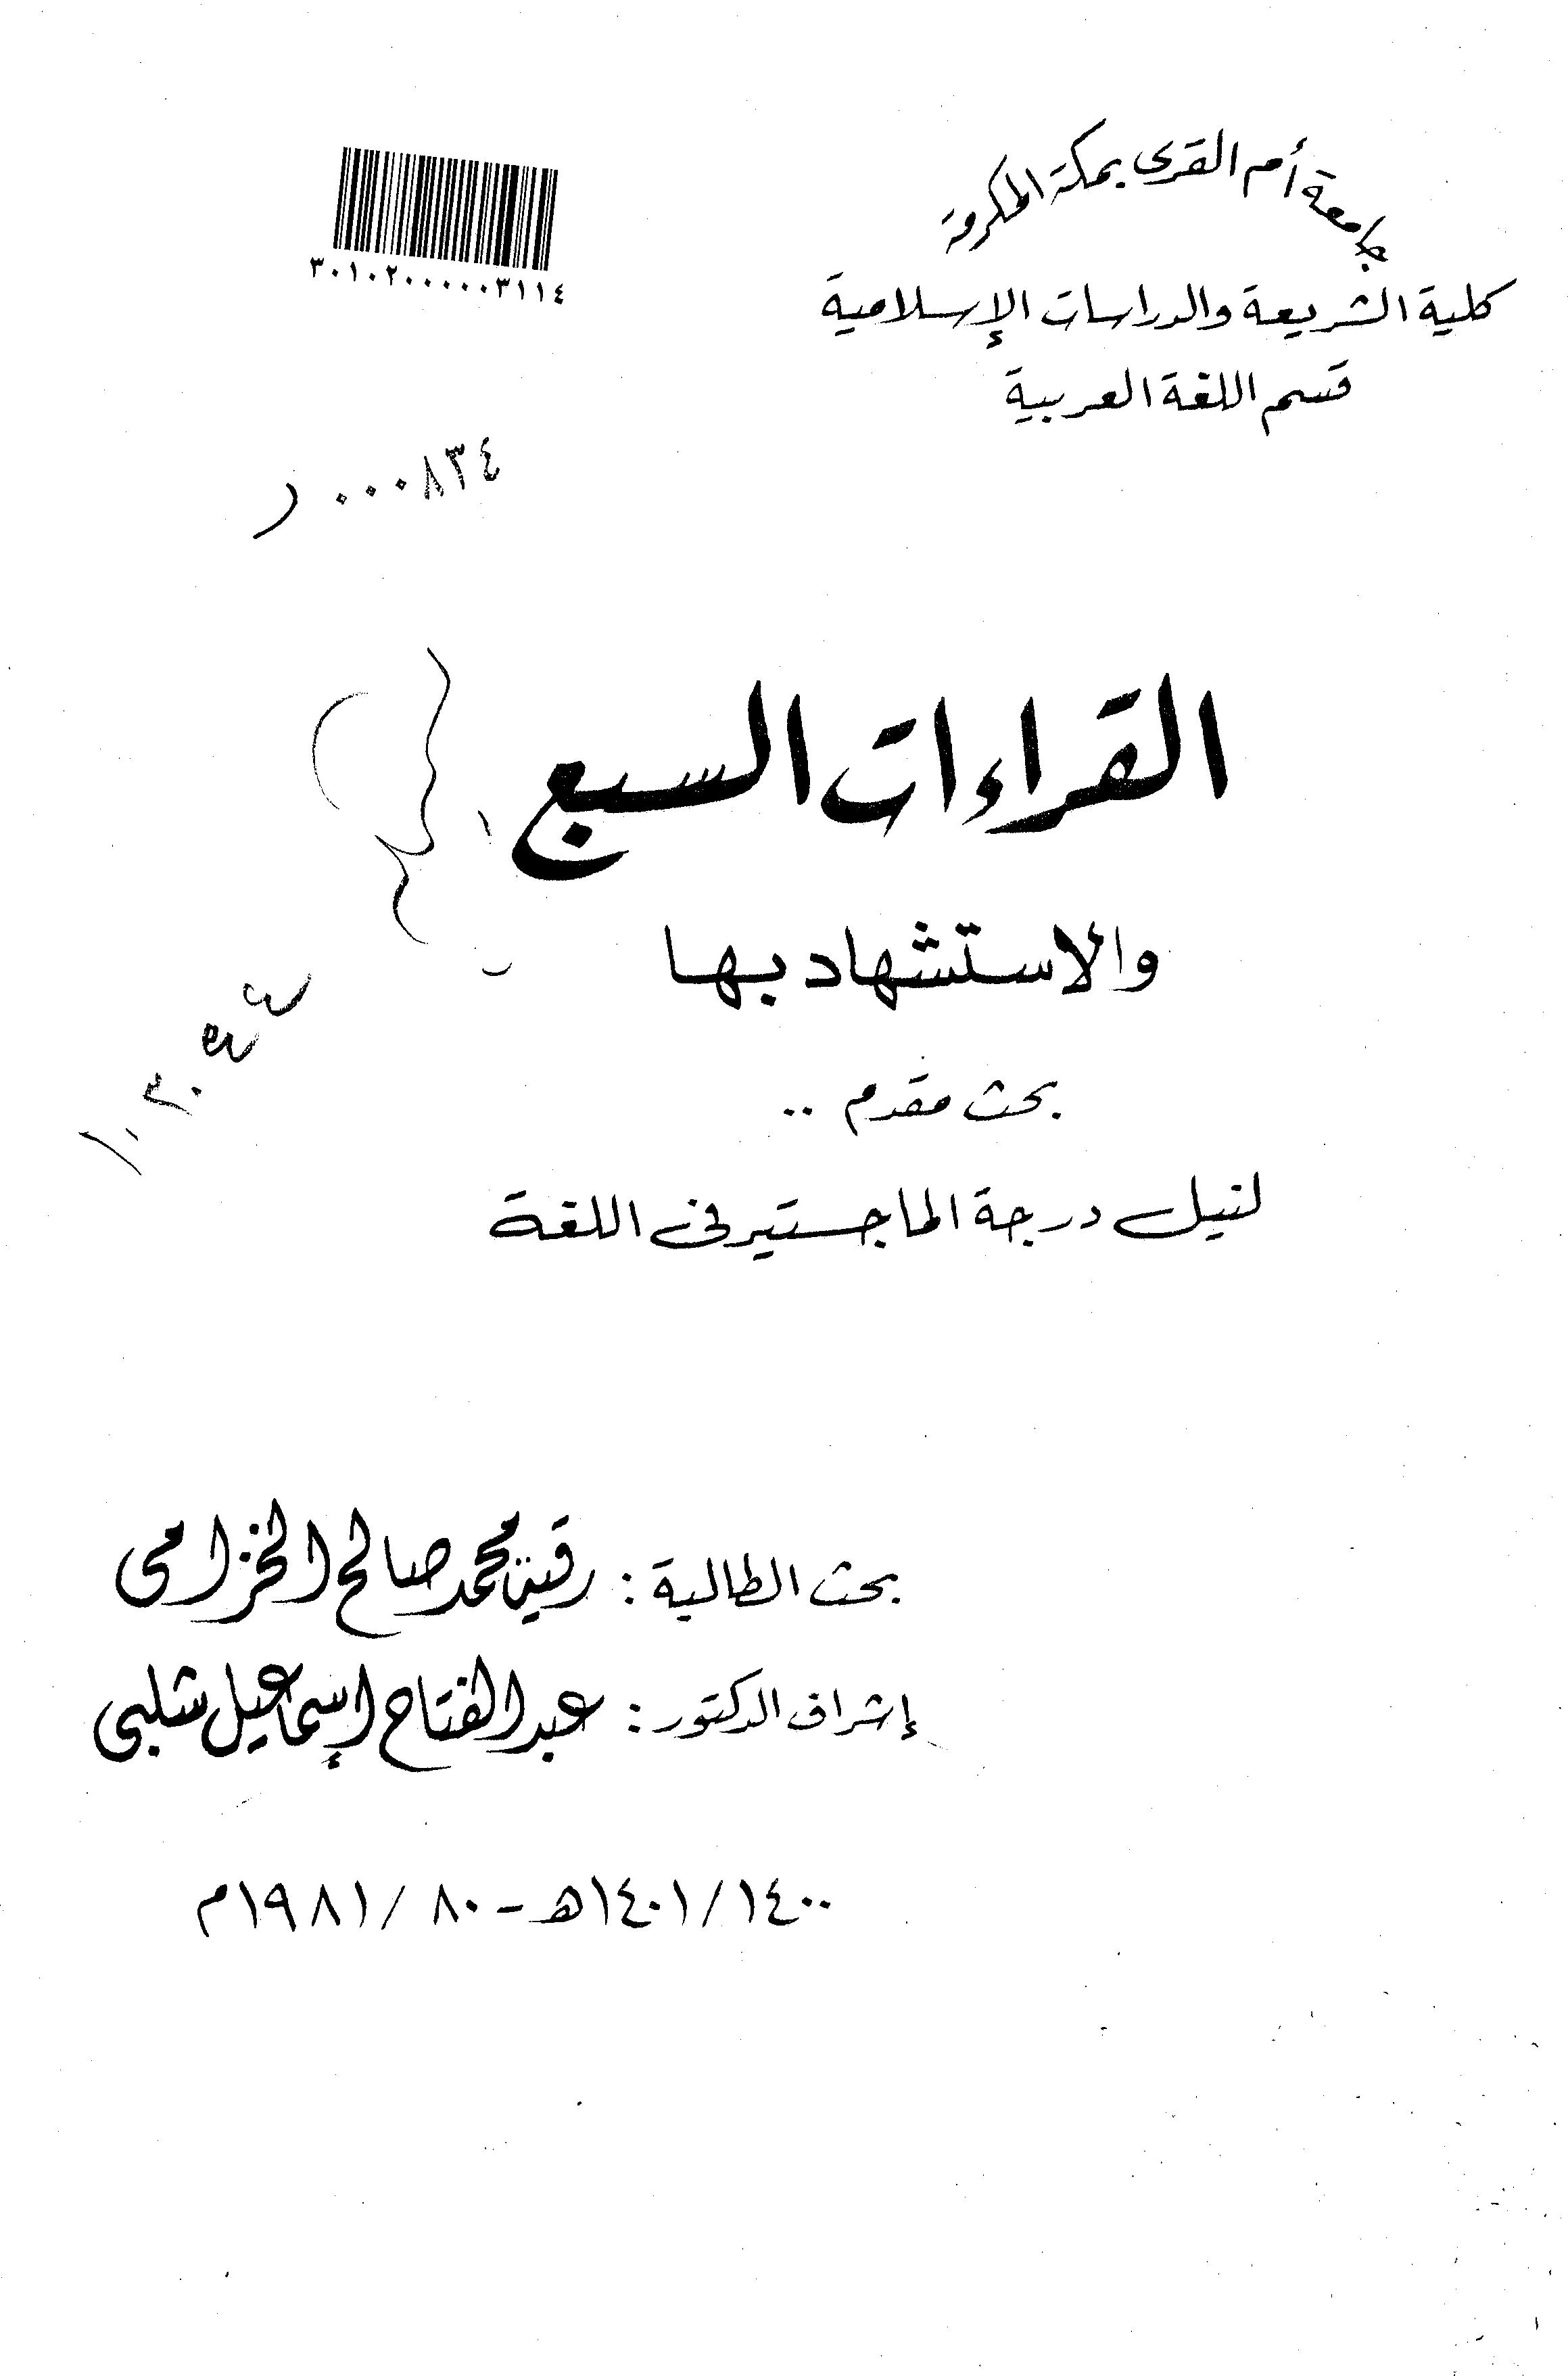 تحميل كتاب القراءات السبع والاستشهاد بها لـِ: رقية محمد صالح إبراهيم الخزامي